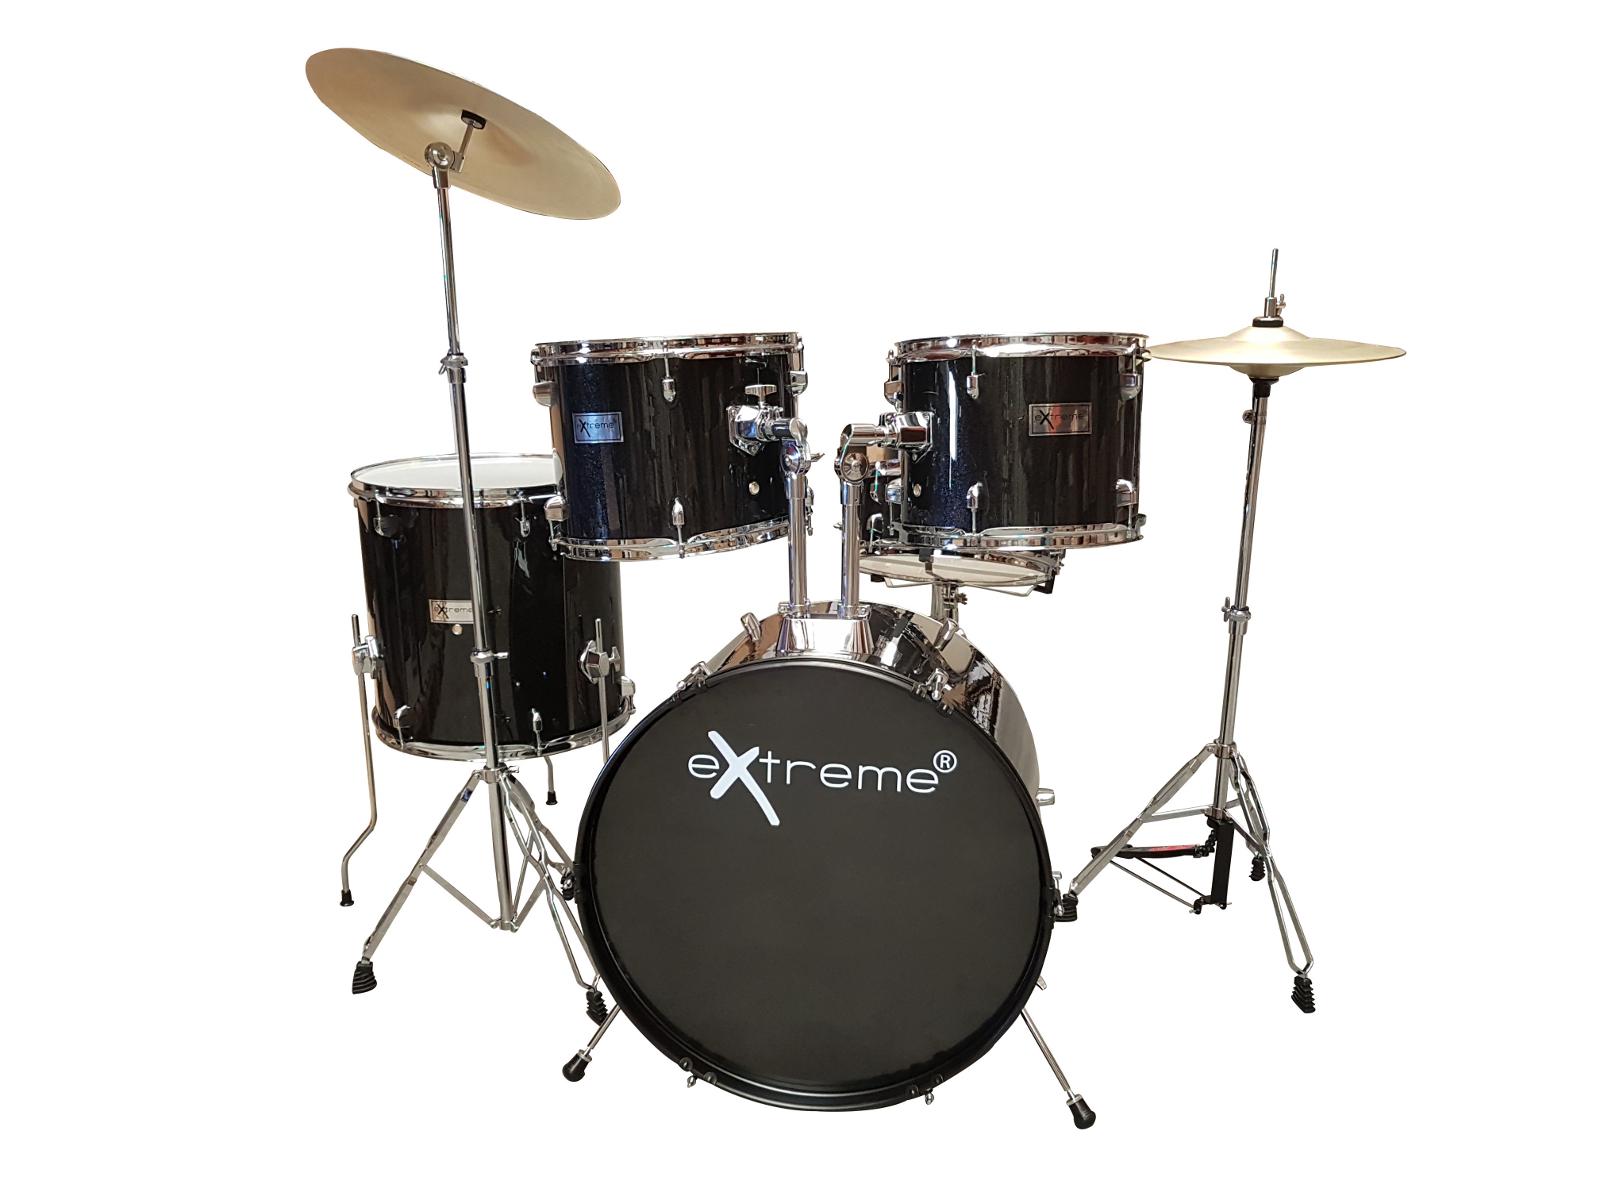 Extreme d glisten black batteria acustica pezzi piatti